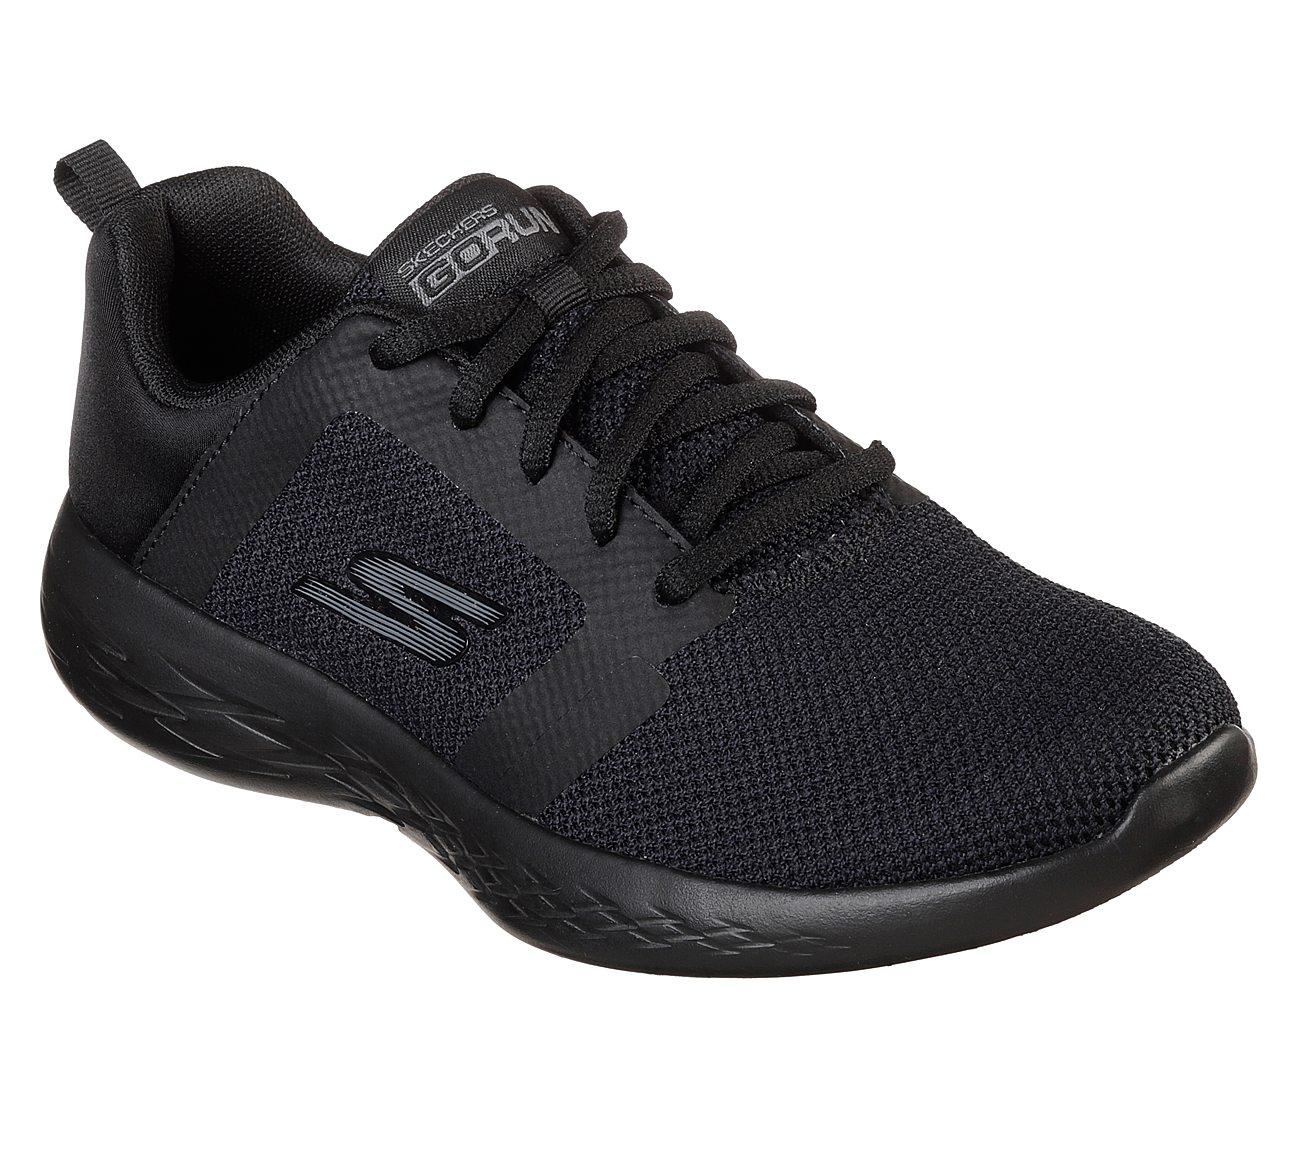 Skechers Go run 600 Sneaker schwarz Damen Schuhe Leder